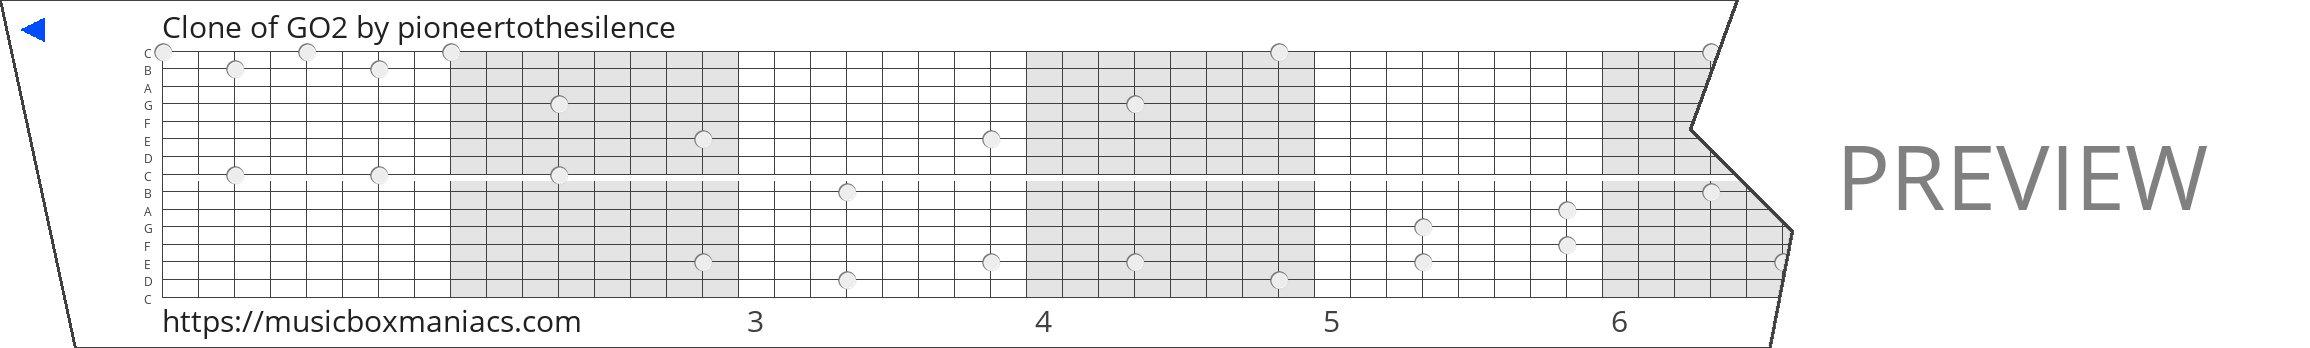 Clone of GO2 15 note music box paper strip